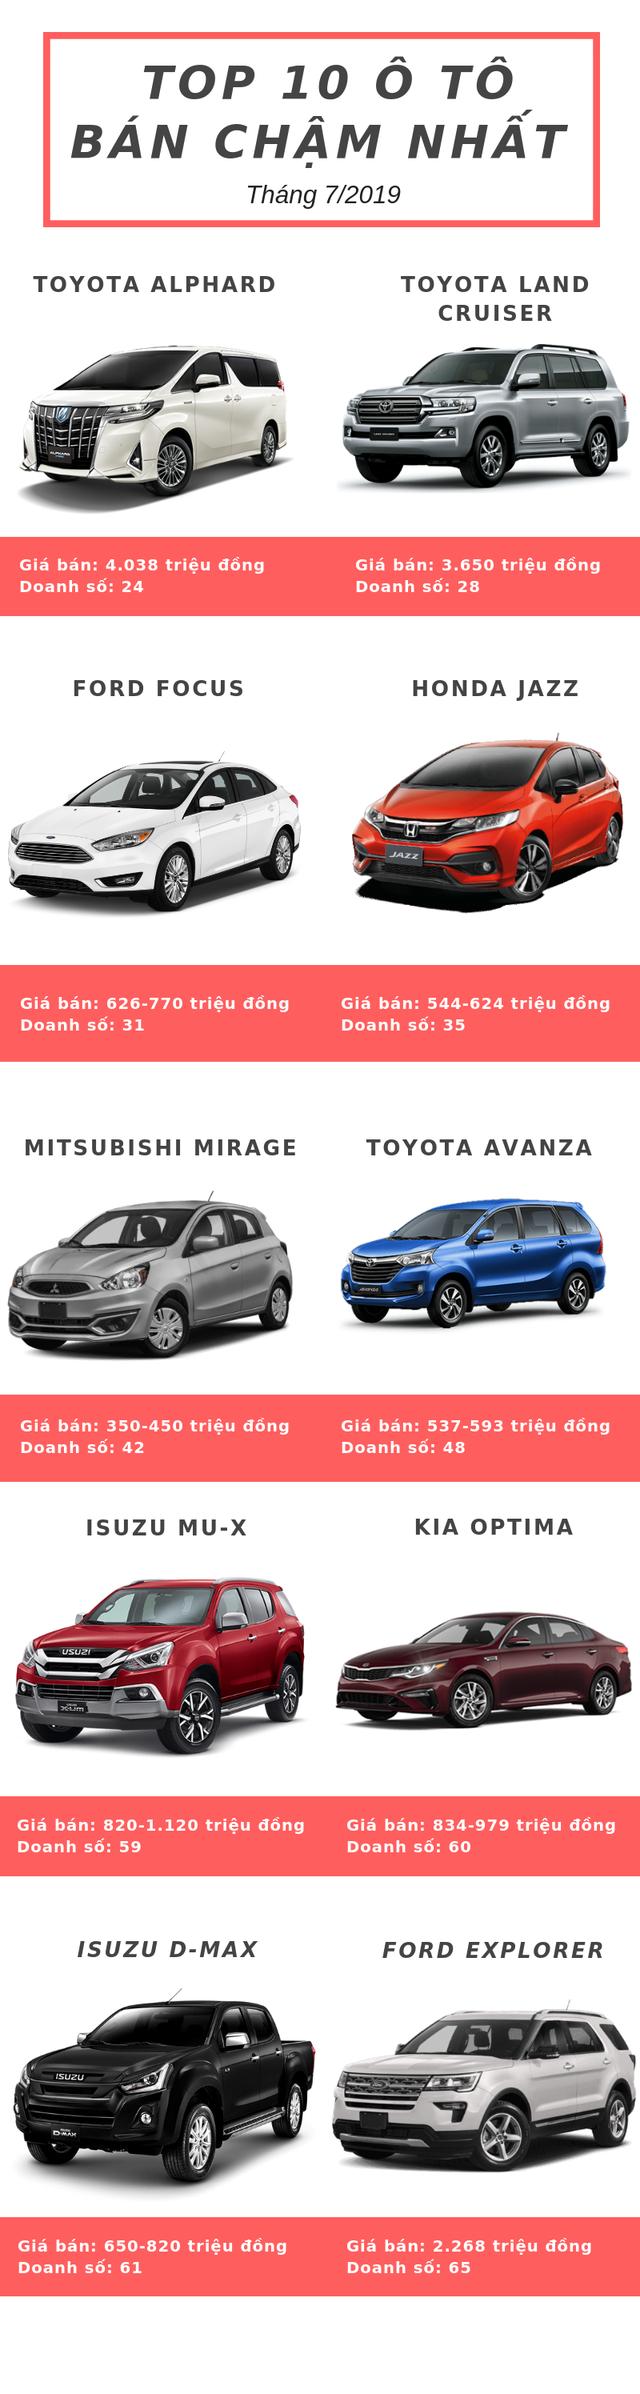 Top 10 ô tô bán chậm nhất tháng 7/2019: Chủ yếu đến từ Toyota, Ford và Isuzu - Ảnh 1.